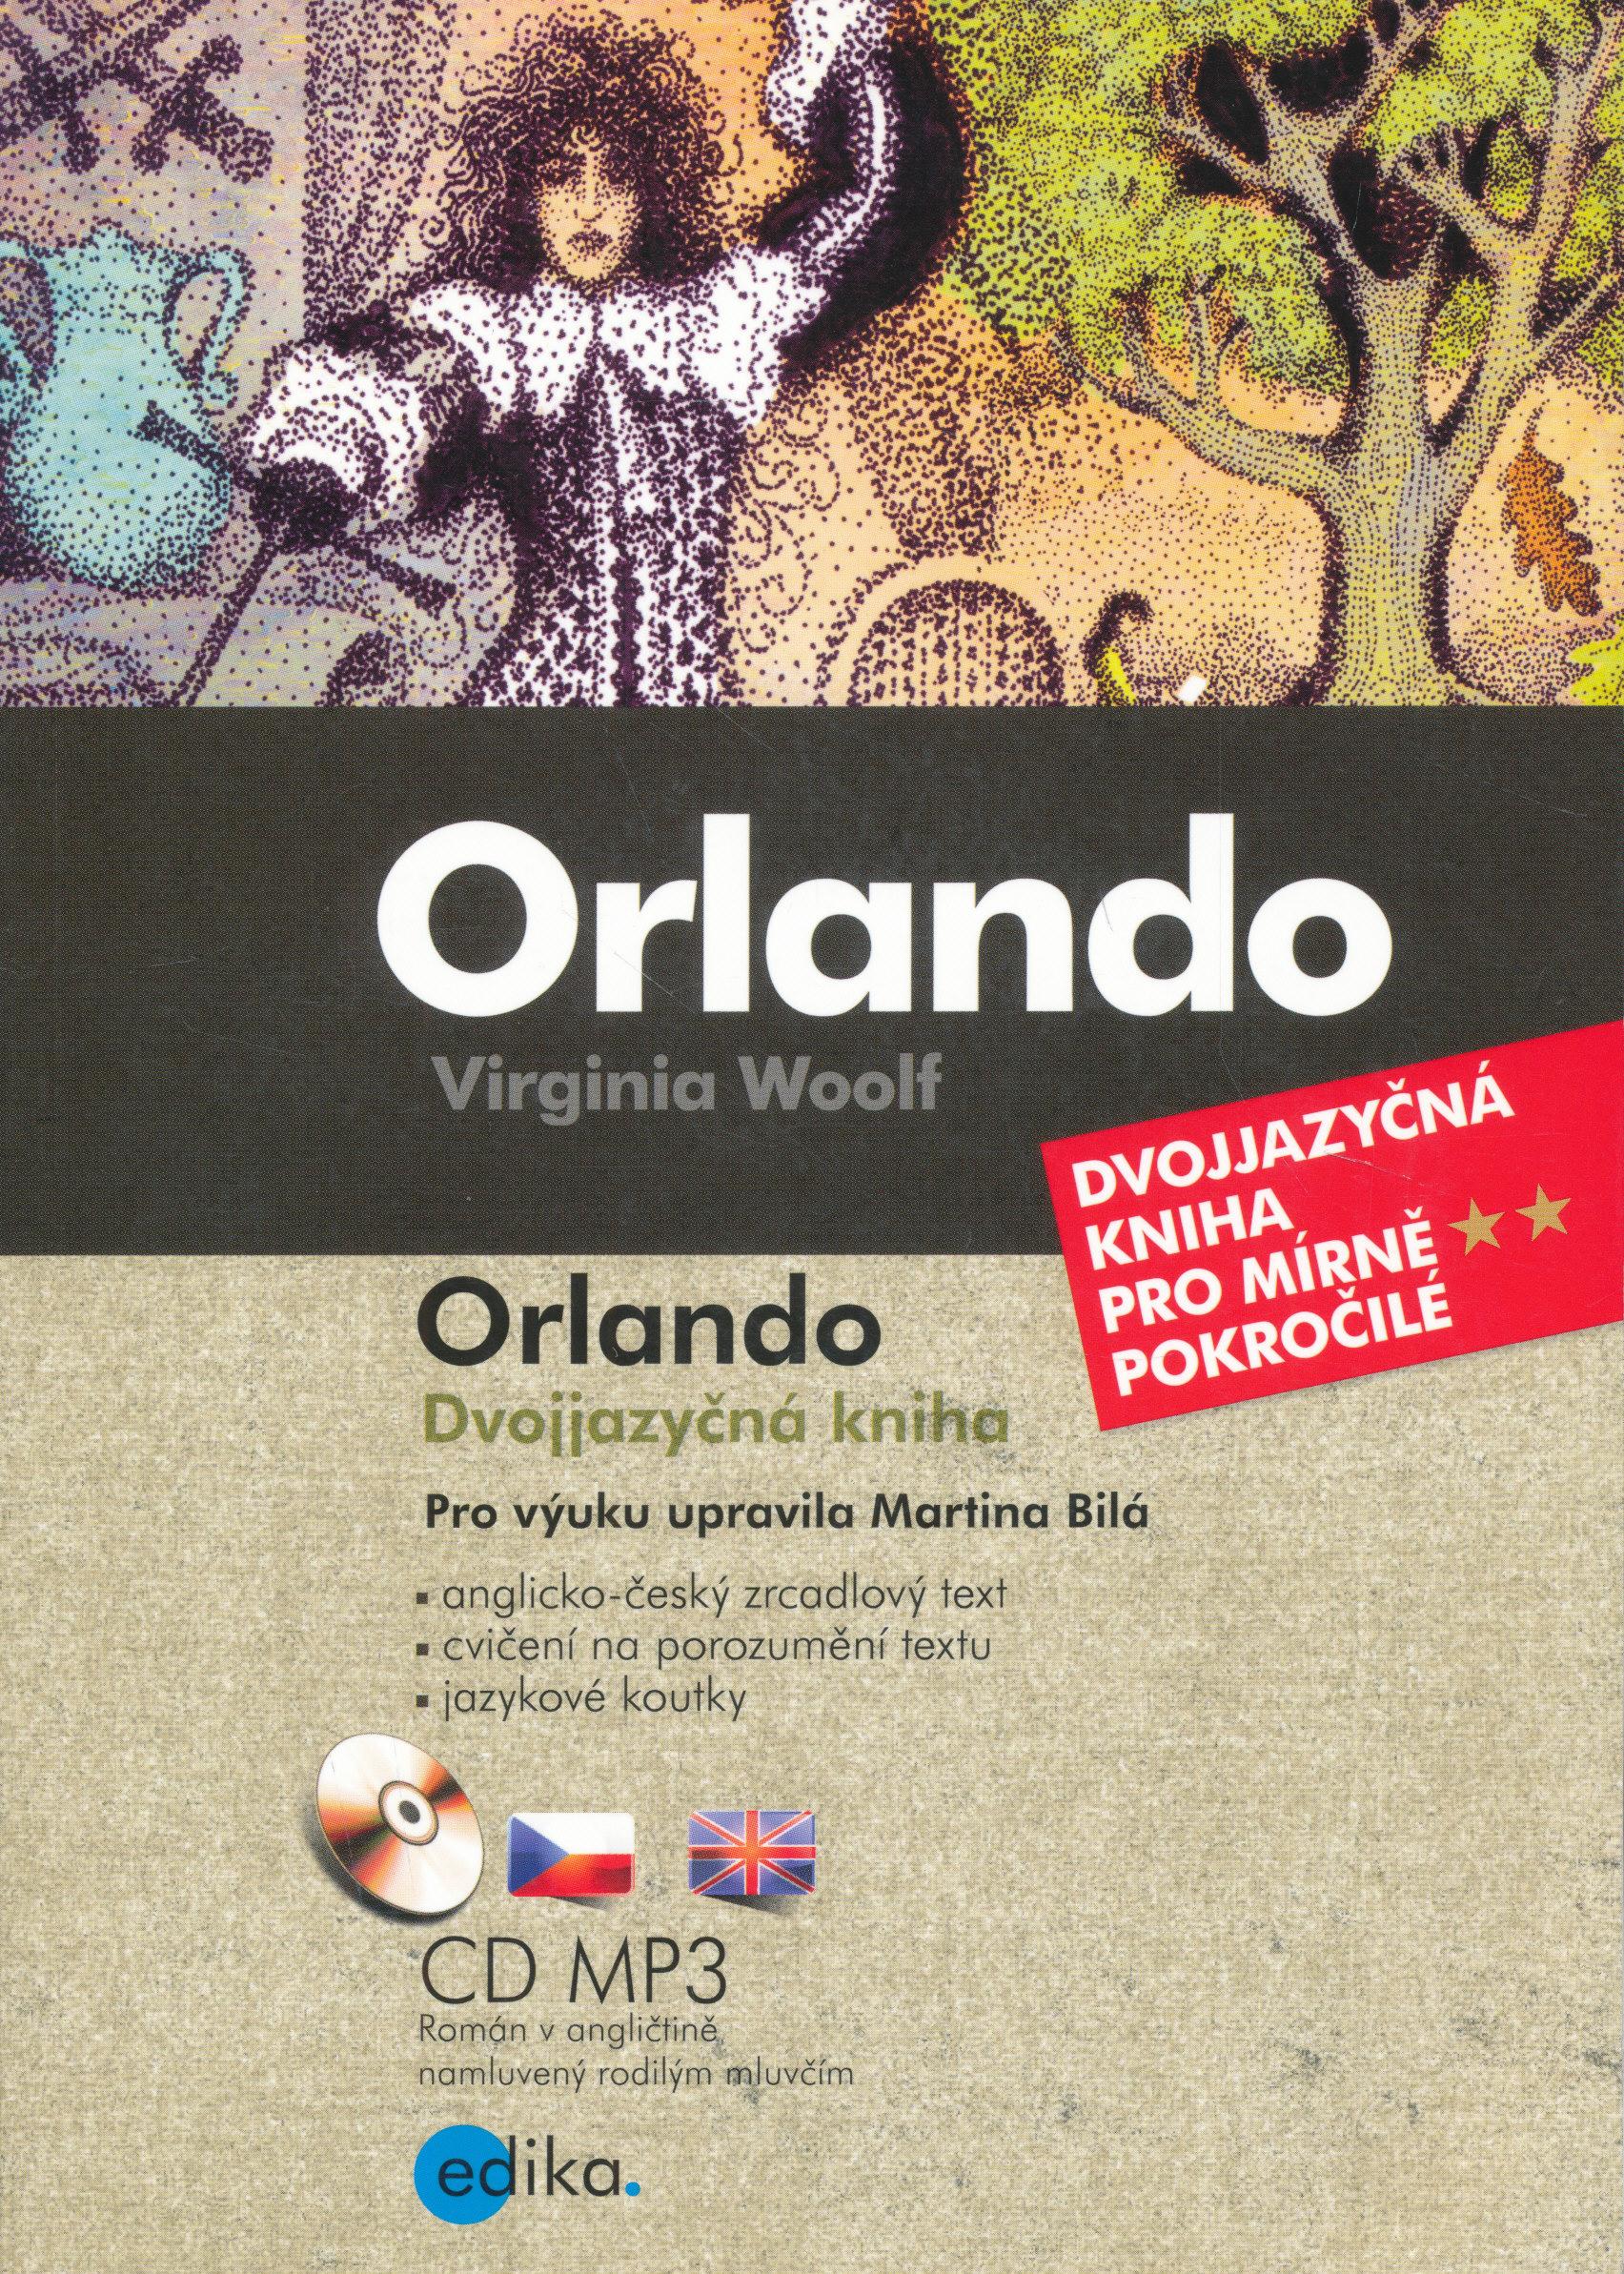 Virginia Woolfová: Dvojjazyčná kniha pro mírně pokročilé + CD MP3